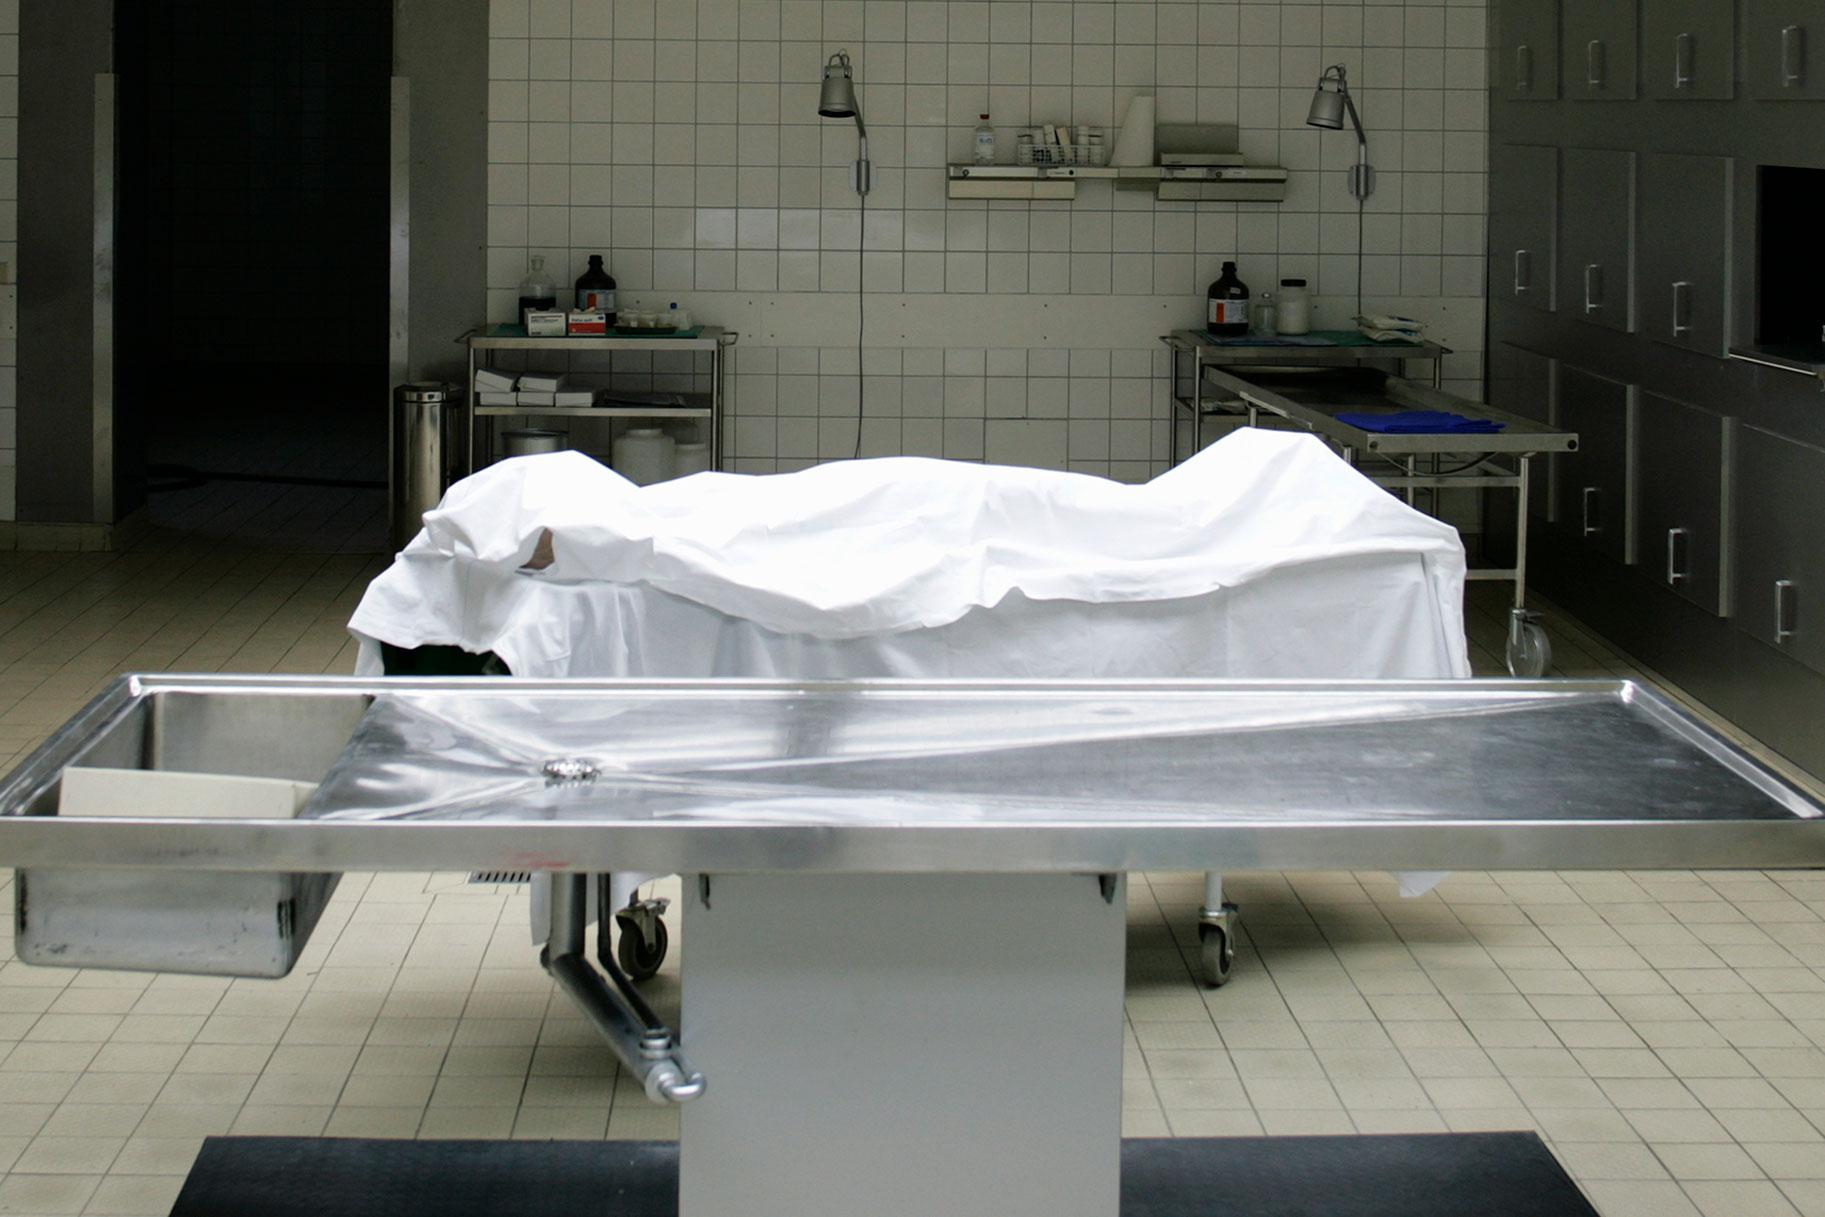 'Horror Story' descubierta en el centro de donación de cuerpos, que incluye la cabeza cosida al cadáver en 'Frankenstein Manner', reclamaciones de la demanda